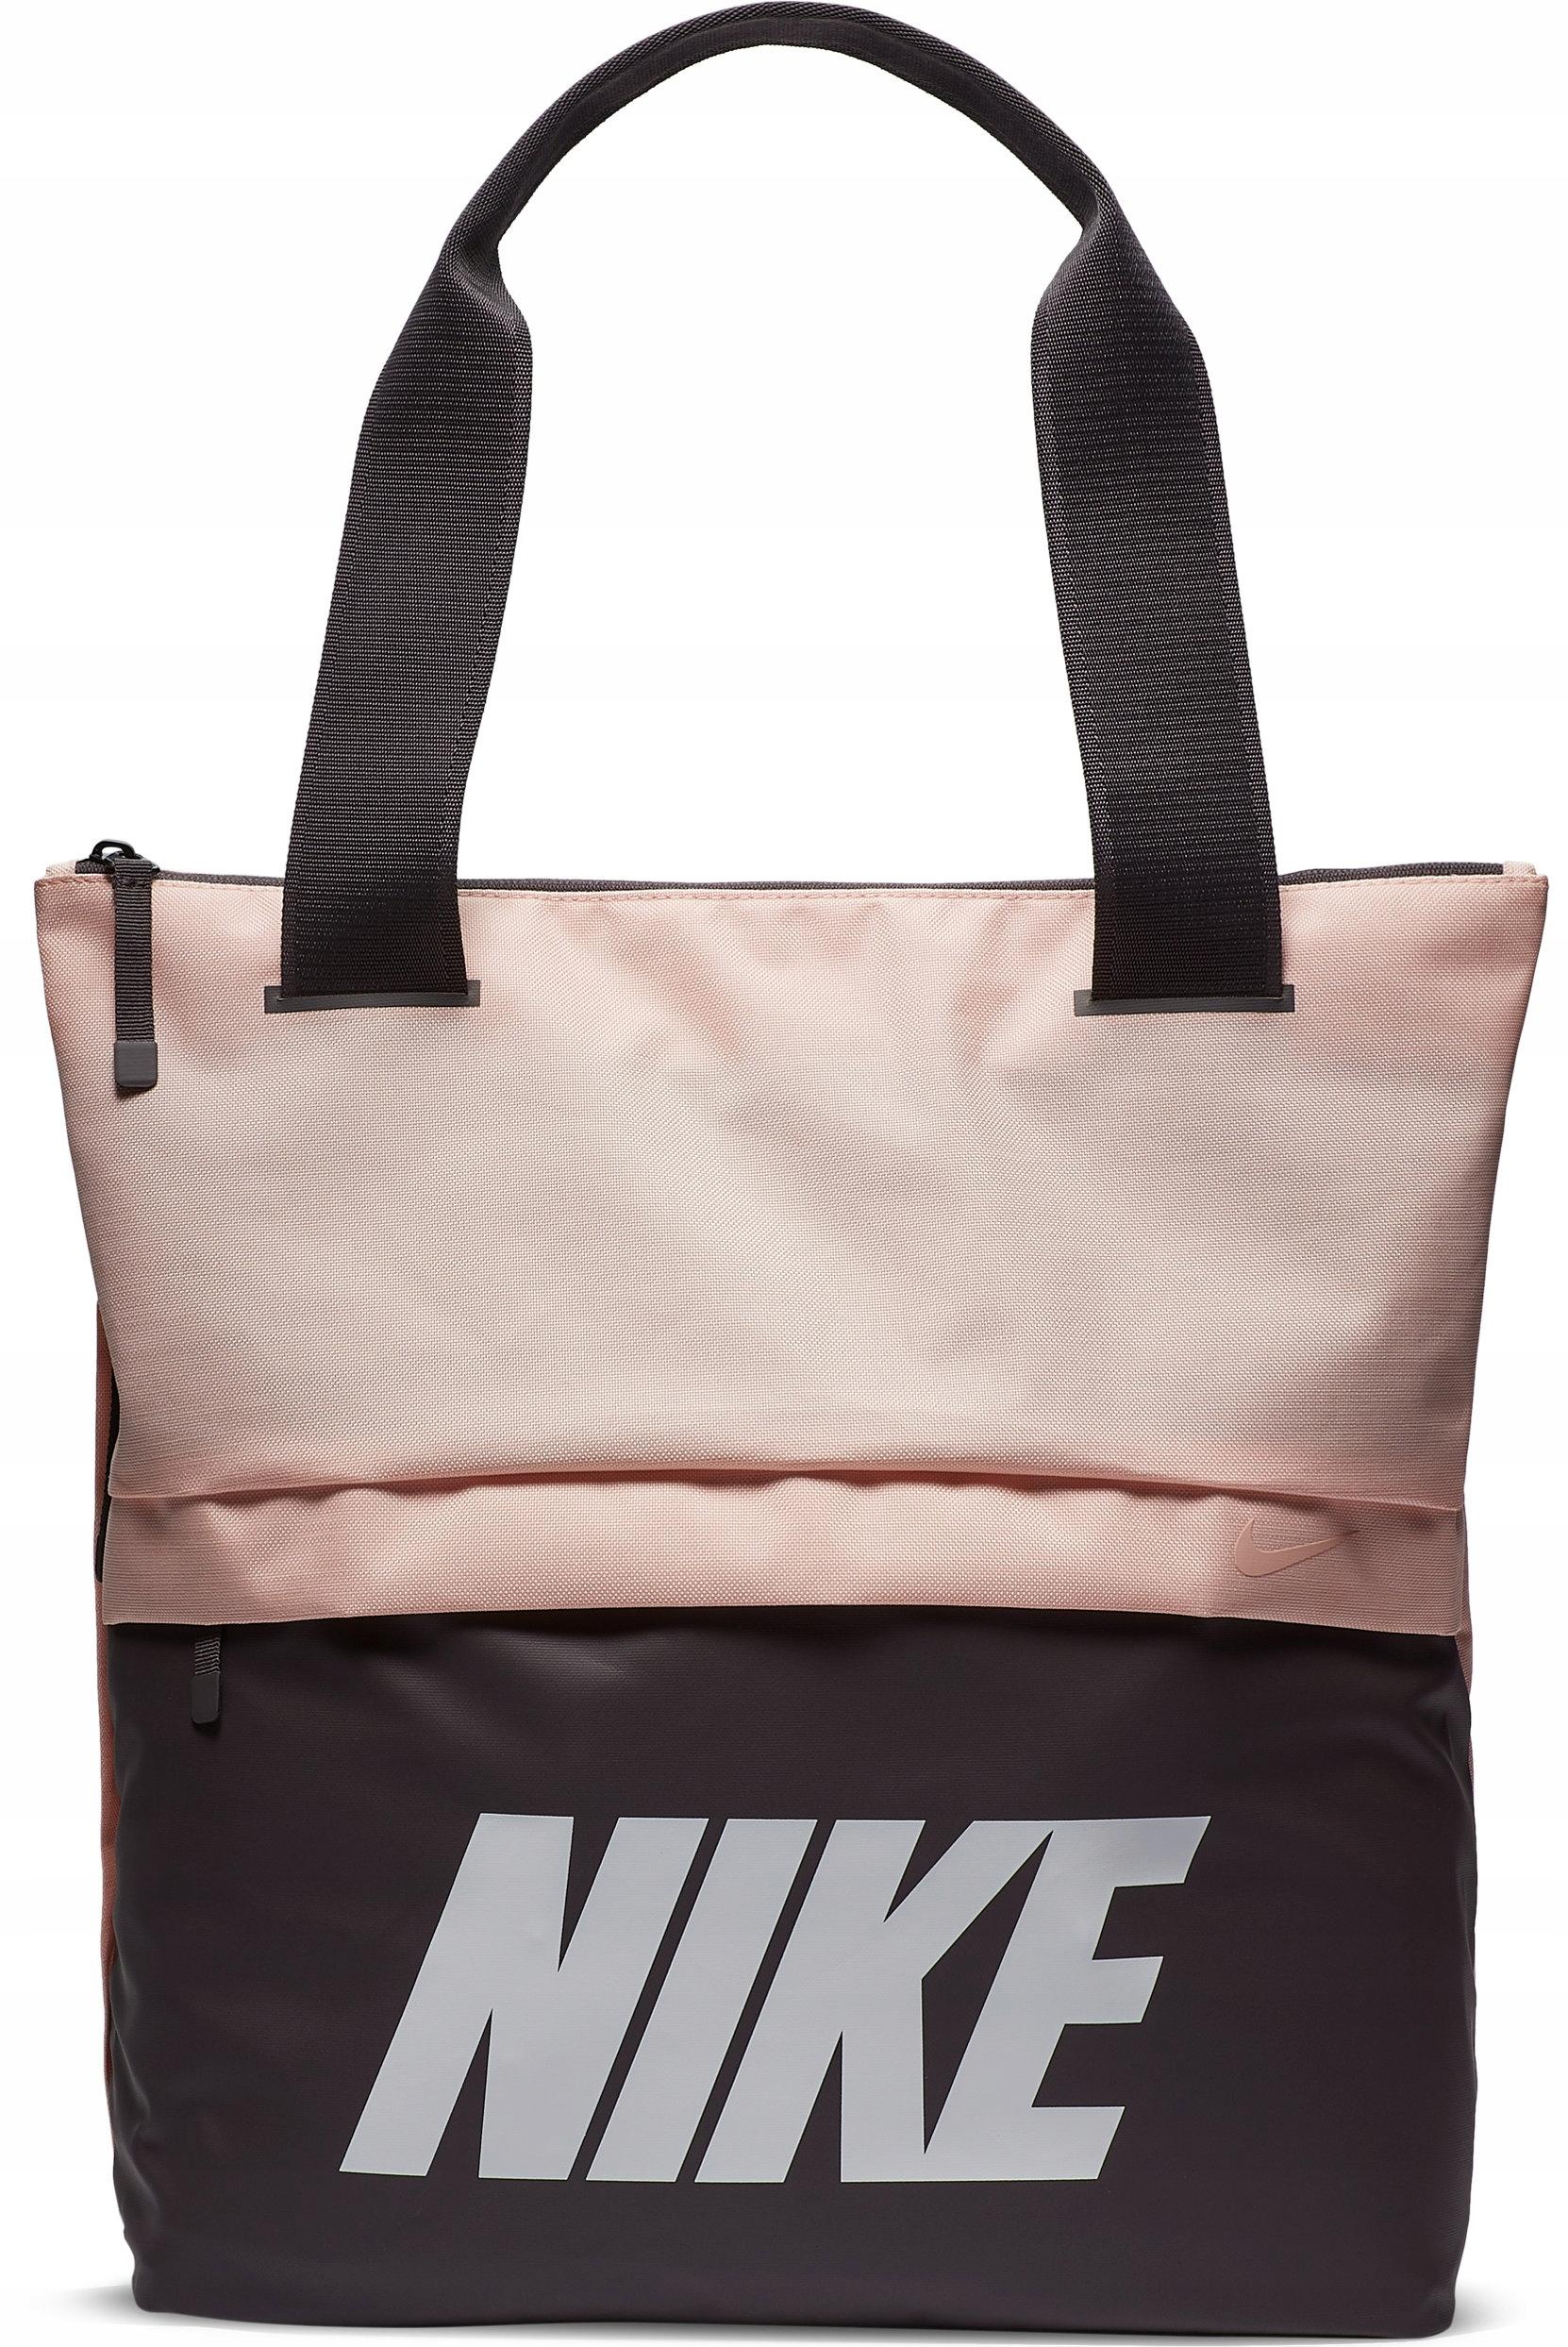 bc97ebf46f964 Torba Nike Nike Radiate BA6015-664 - 7787797242 - oficjalne archiwum ...